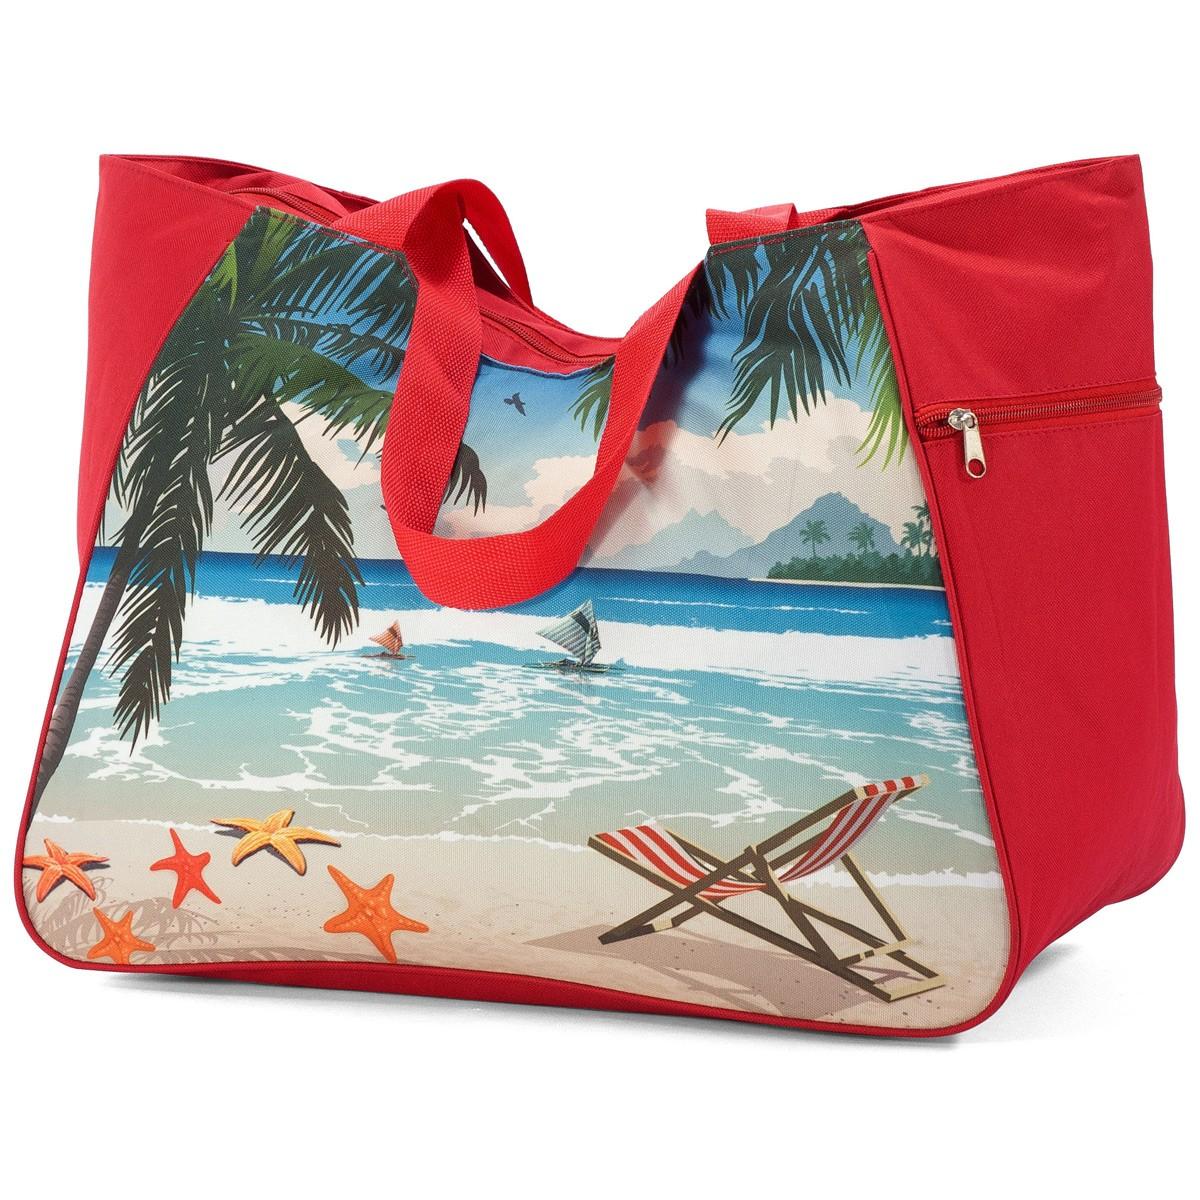 Τσάντα Παραλίας Benzi 5001 Red